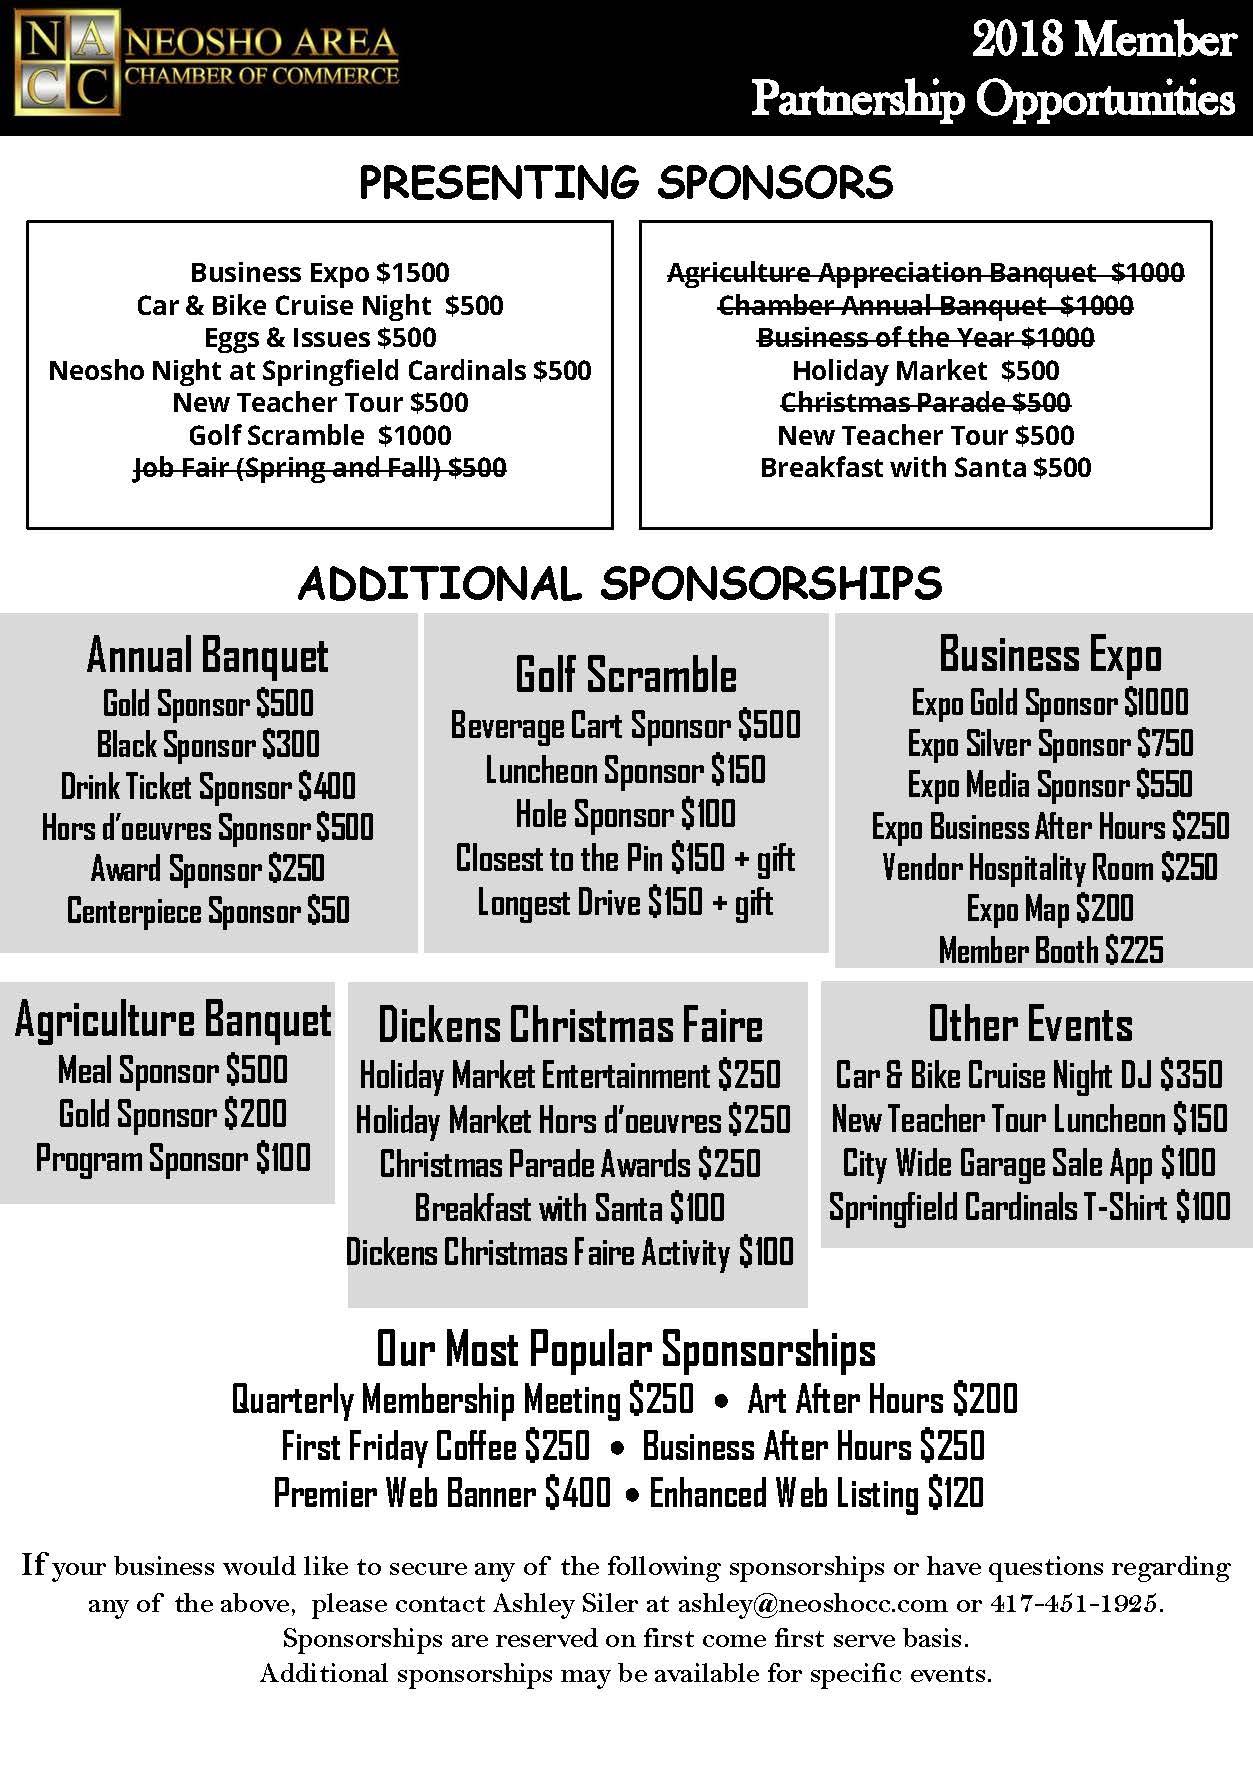 2018sponsorships.jpg